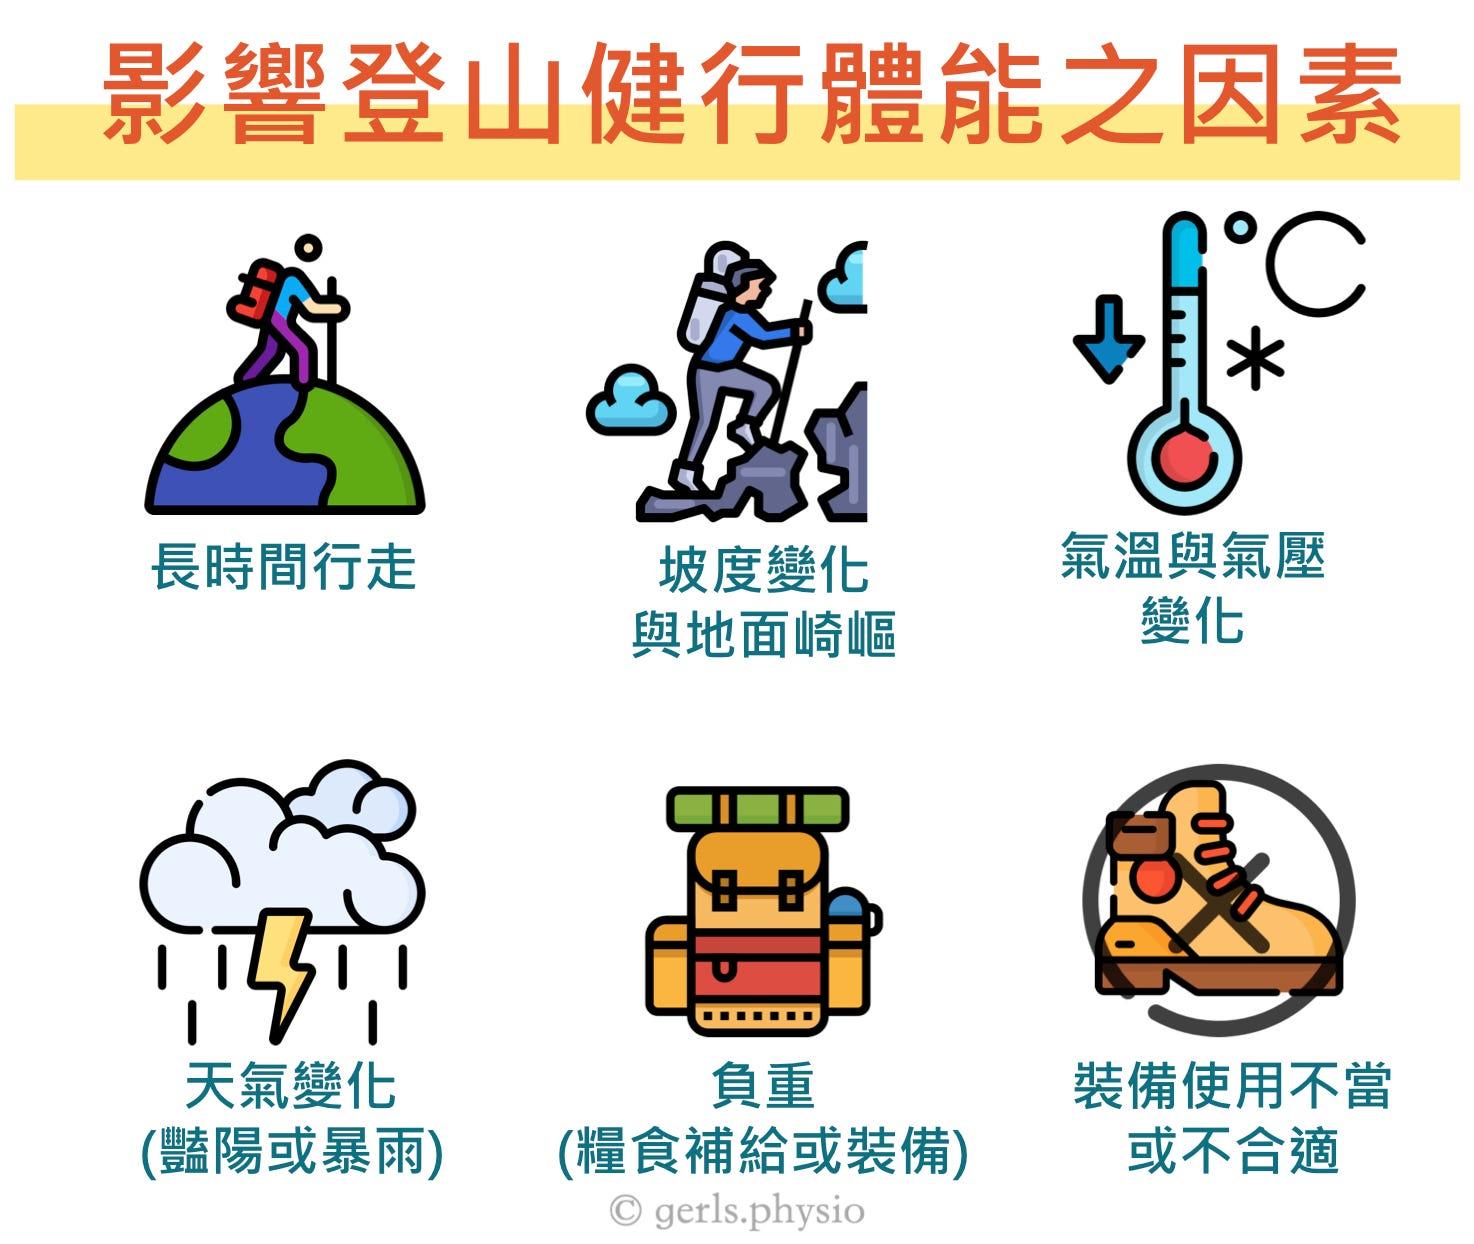 山林探險,你也可以!. 三大重點,讓你登山健步如飛   by G.E.R.Ls   GERLs.physio   Jul, 2020   Medium